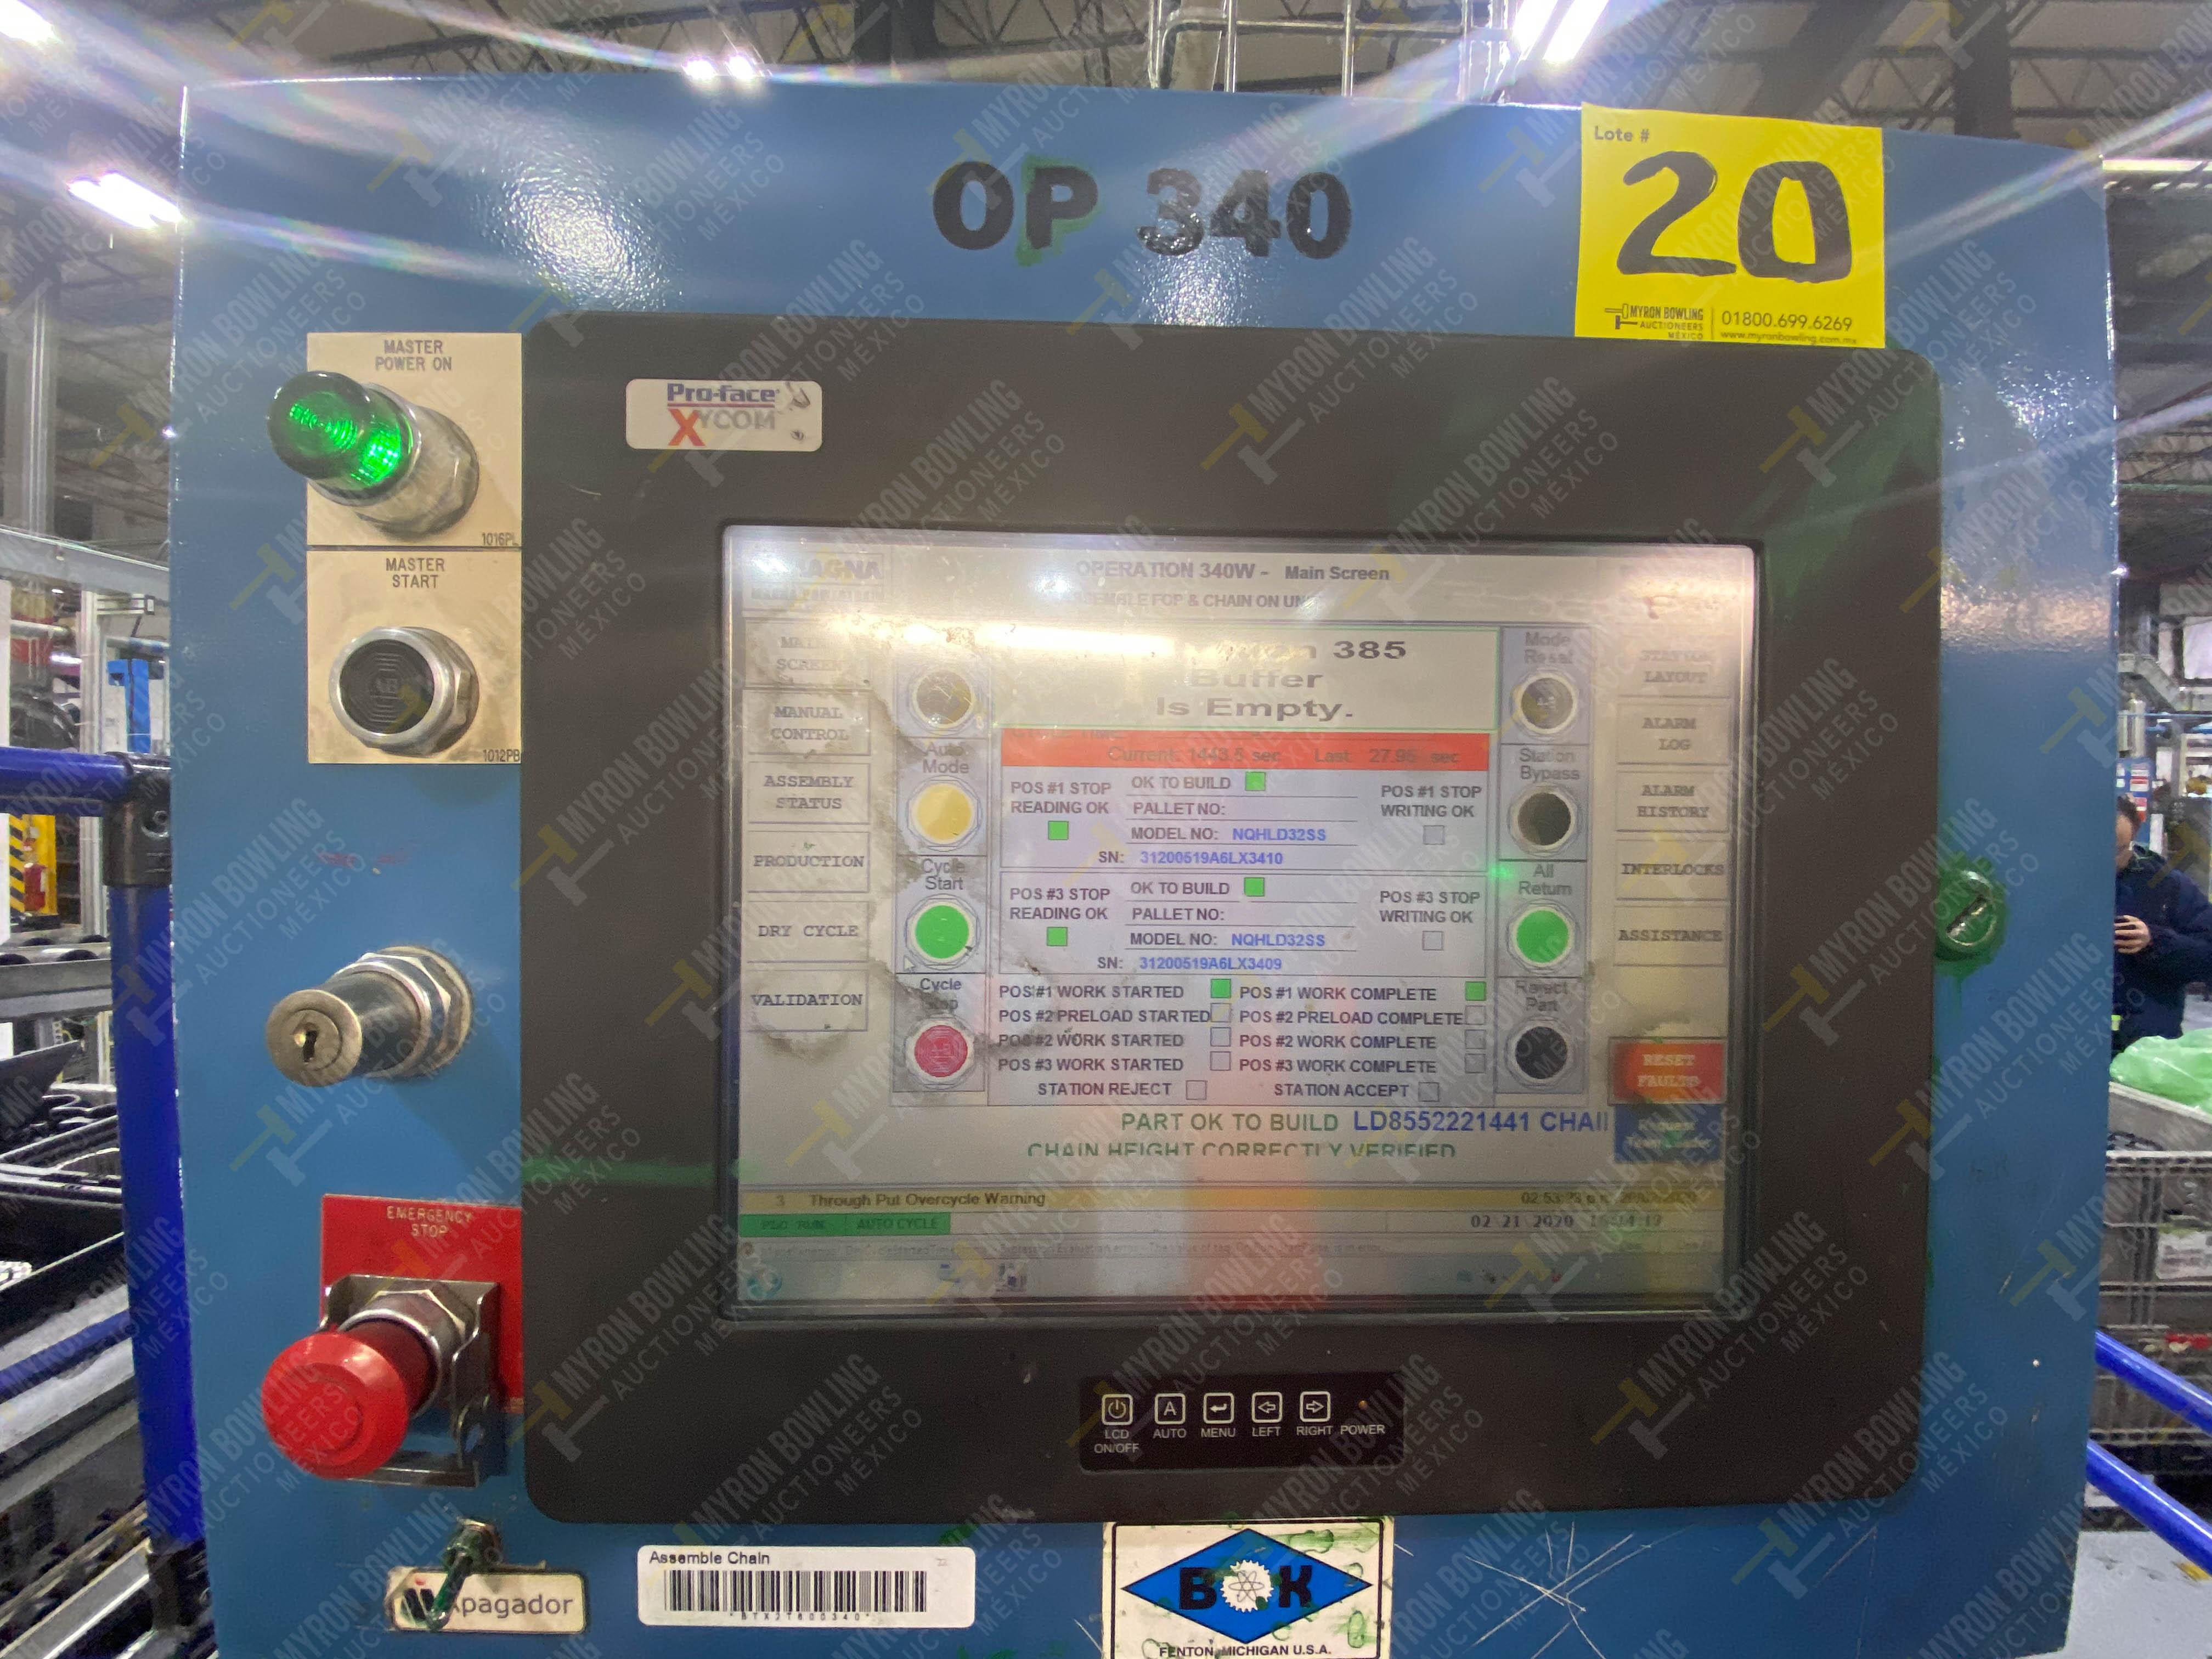 Estación semiautomática para operación 340, contiene: Prensa en estructura de placa de acero - Image 31 of 32